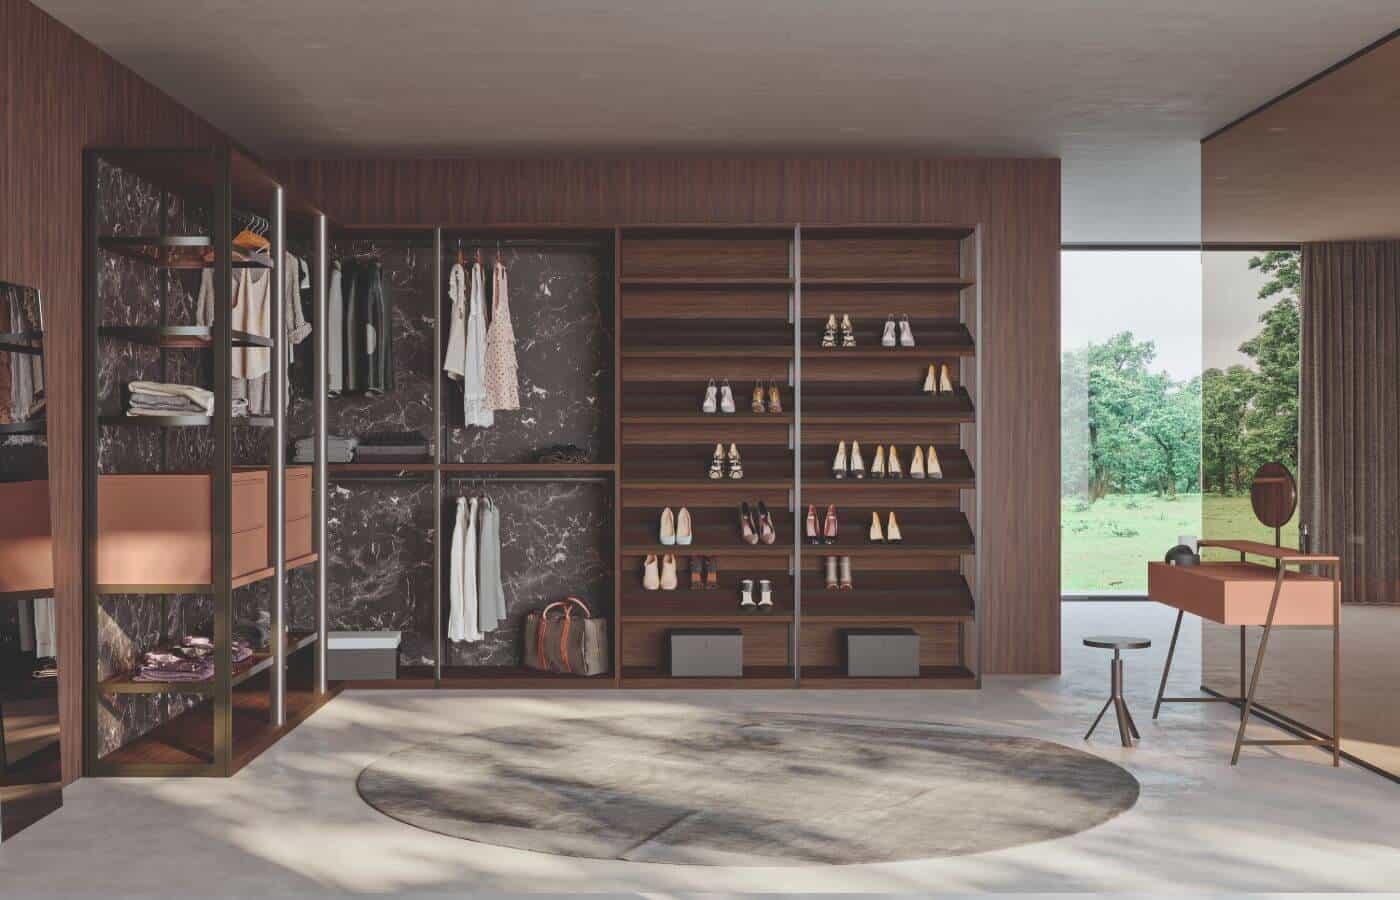 armadi-cabina-armadio-collezione-afrodite-il-mobile (1)